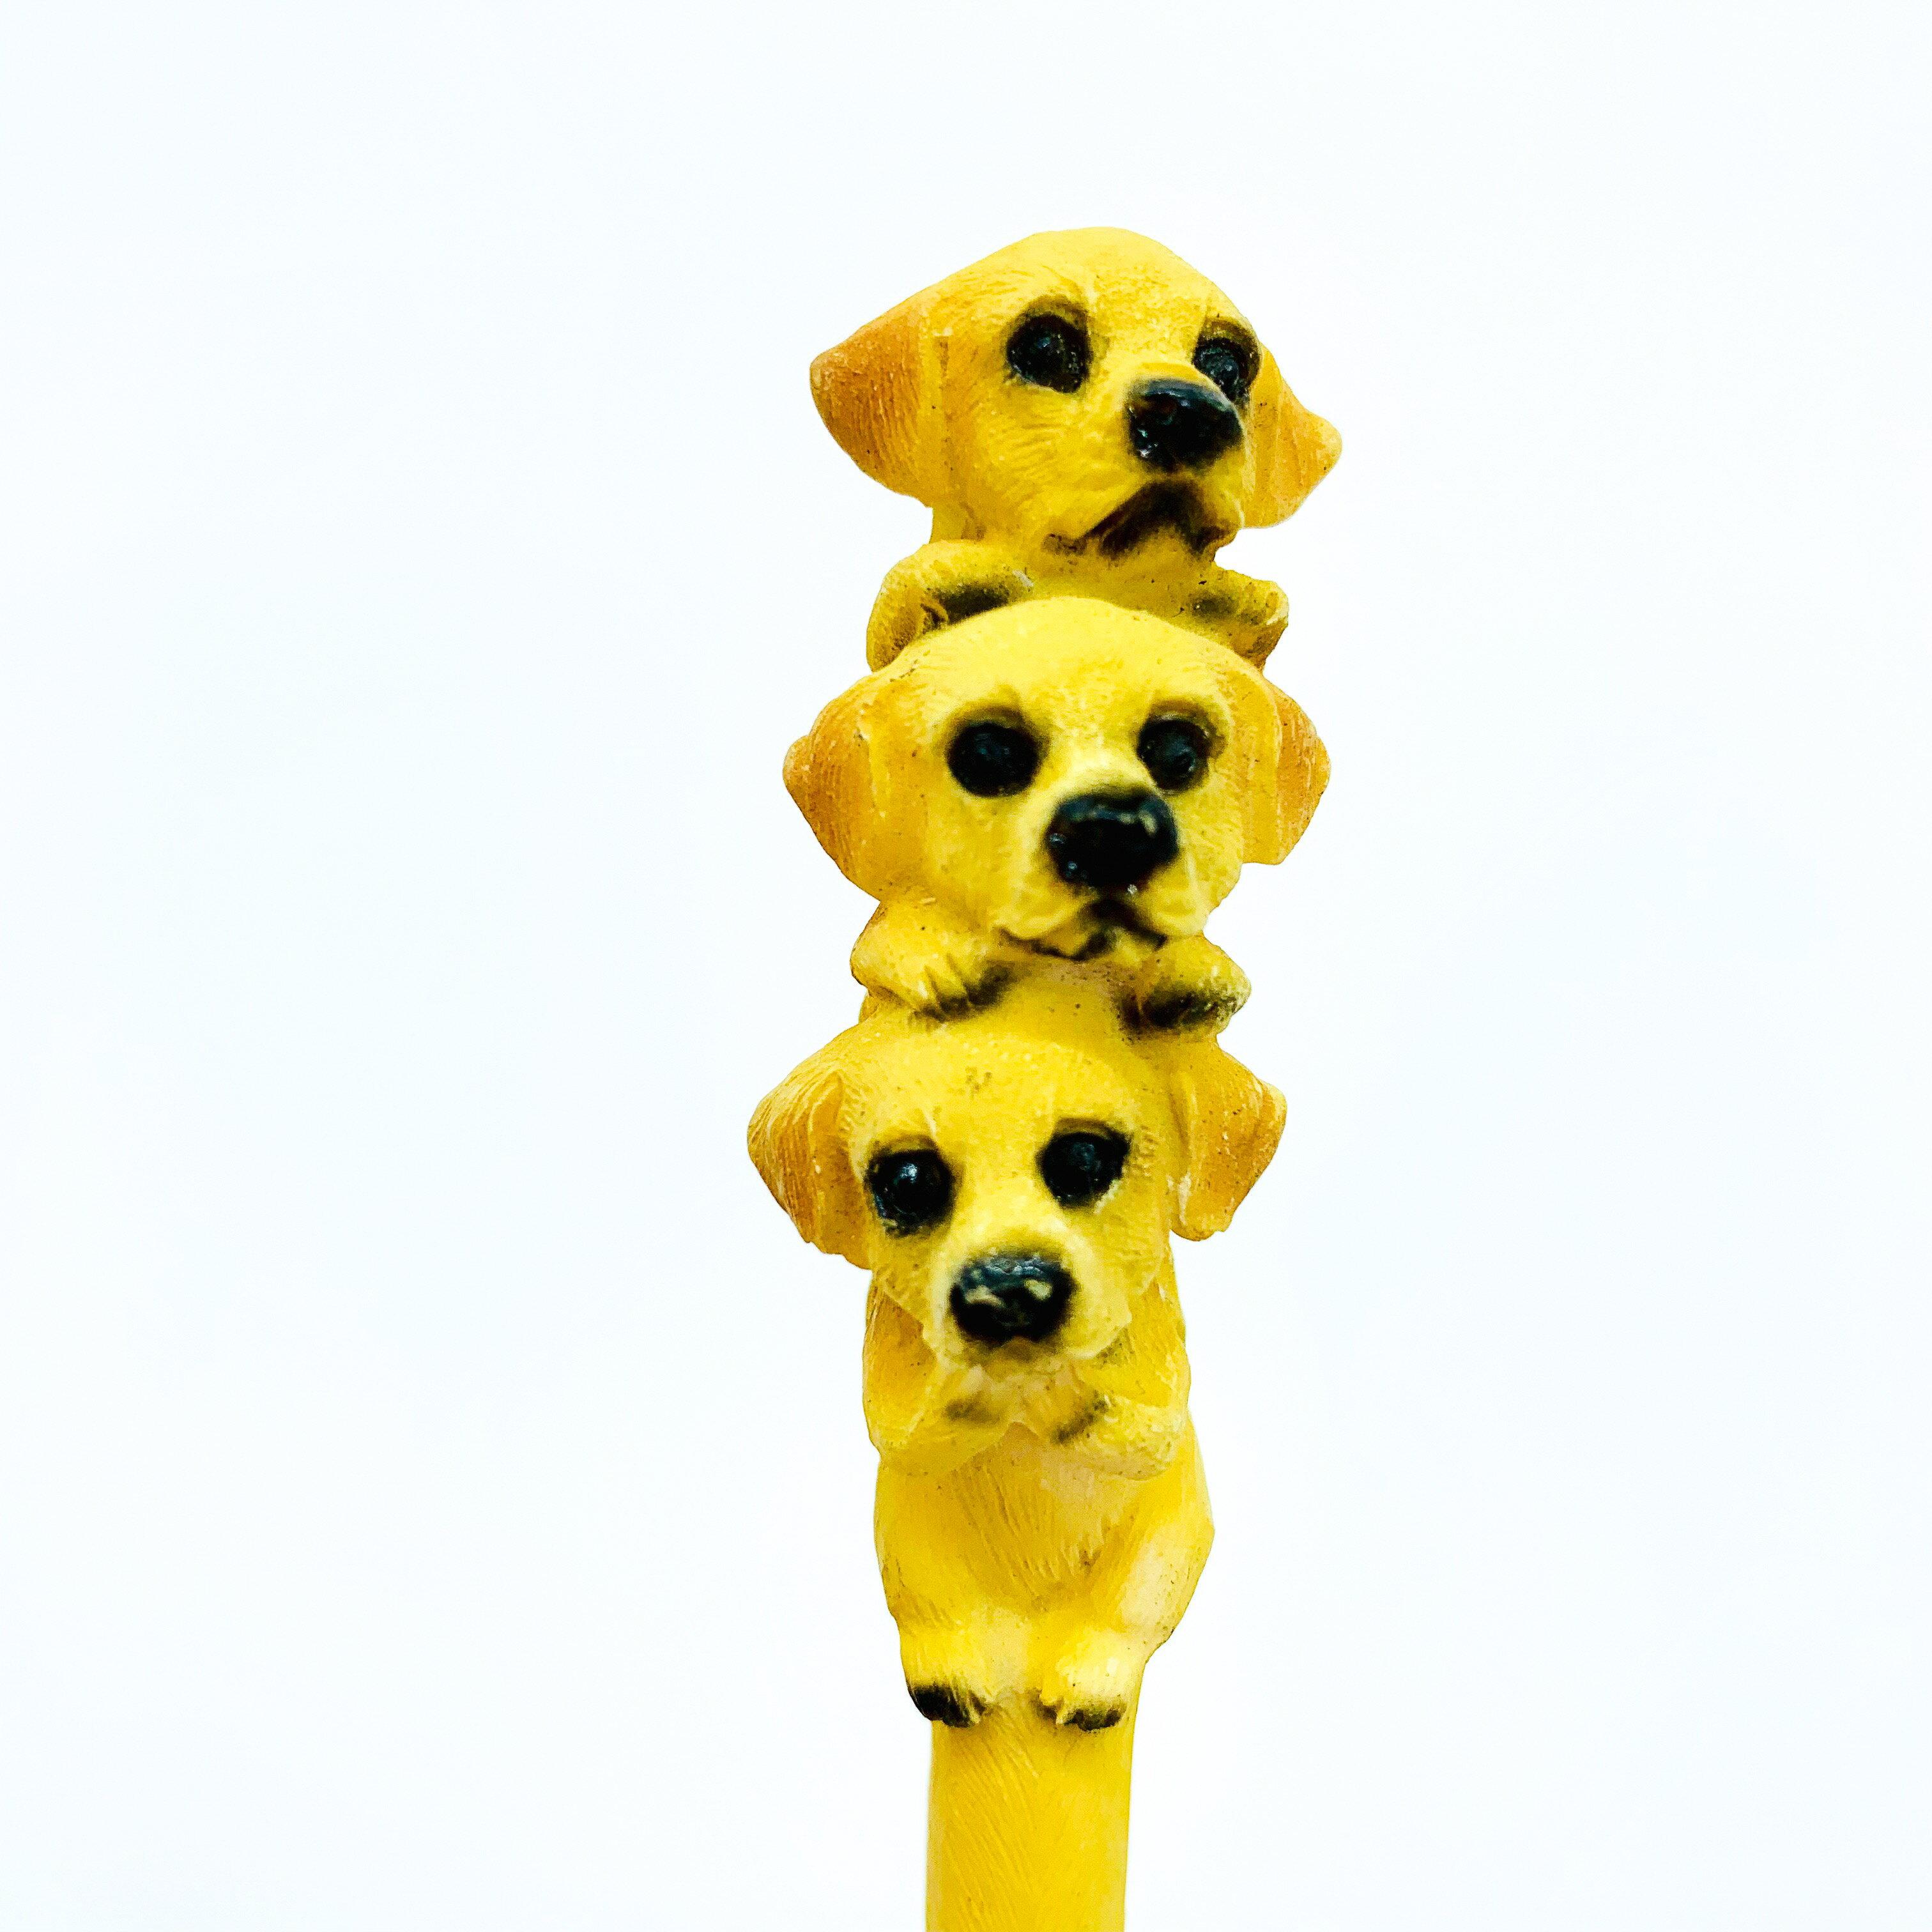 日本高山 擺飾 動物 筆 狗 兔 青蛙 猴 13款 可換筆心 塑陶 日本直送 日本設計 值得收藏 1